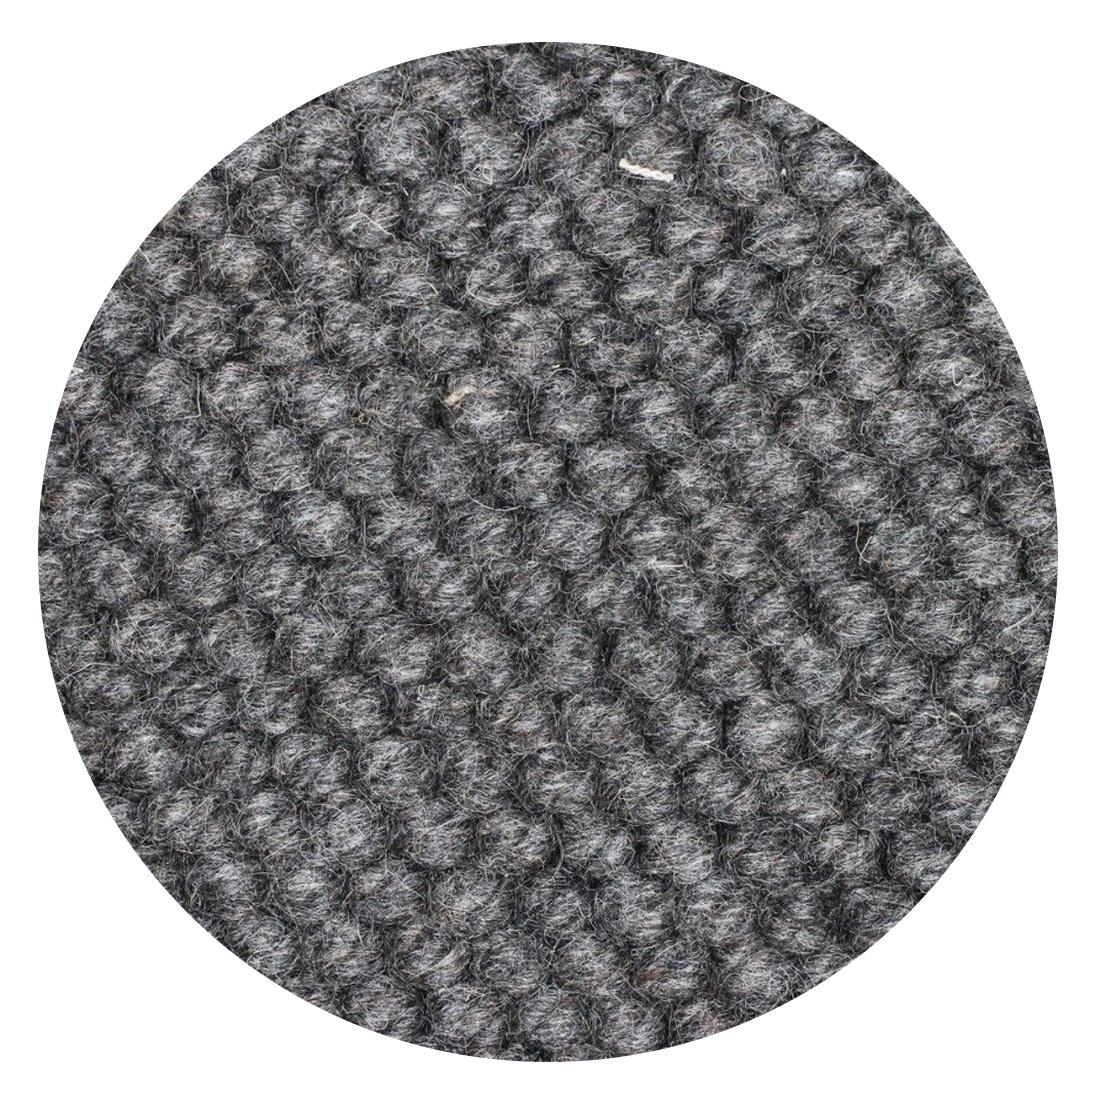 Rond Vloerkleed Nevada Antraciet Grijs 100 % New Zealand Wool